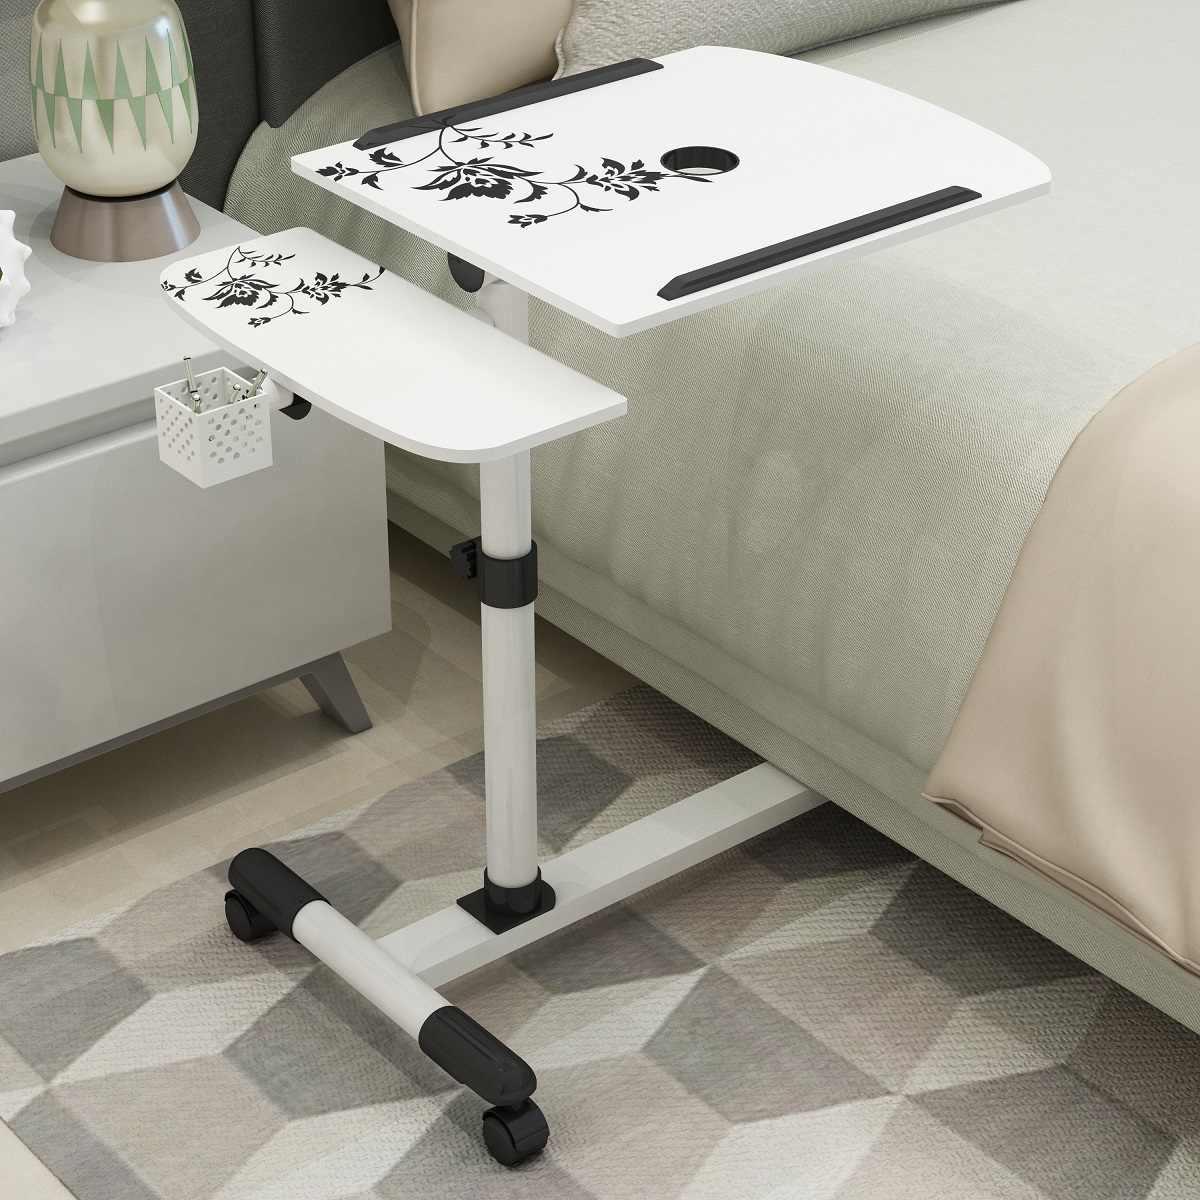 Приставные столики к дивану: диванный подкатной стол для ноутбука и придвижные журнальные столы, выкатные столы-приставки для еды и другие модели